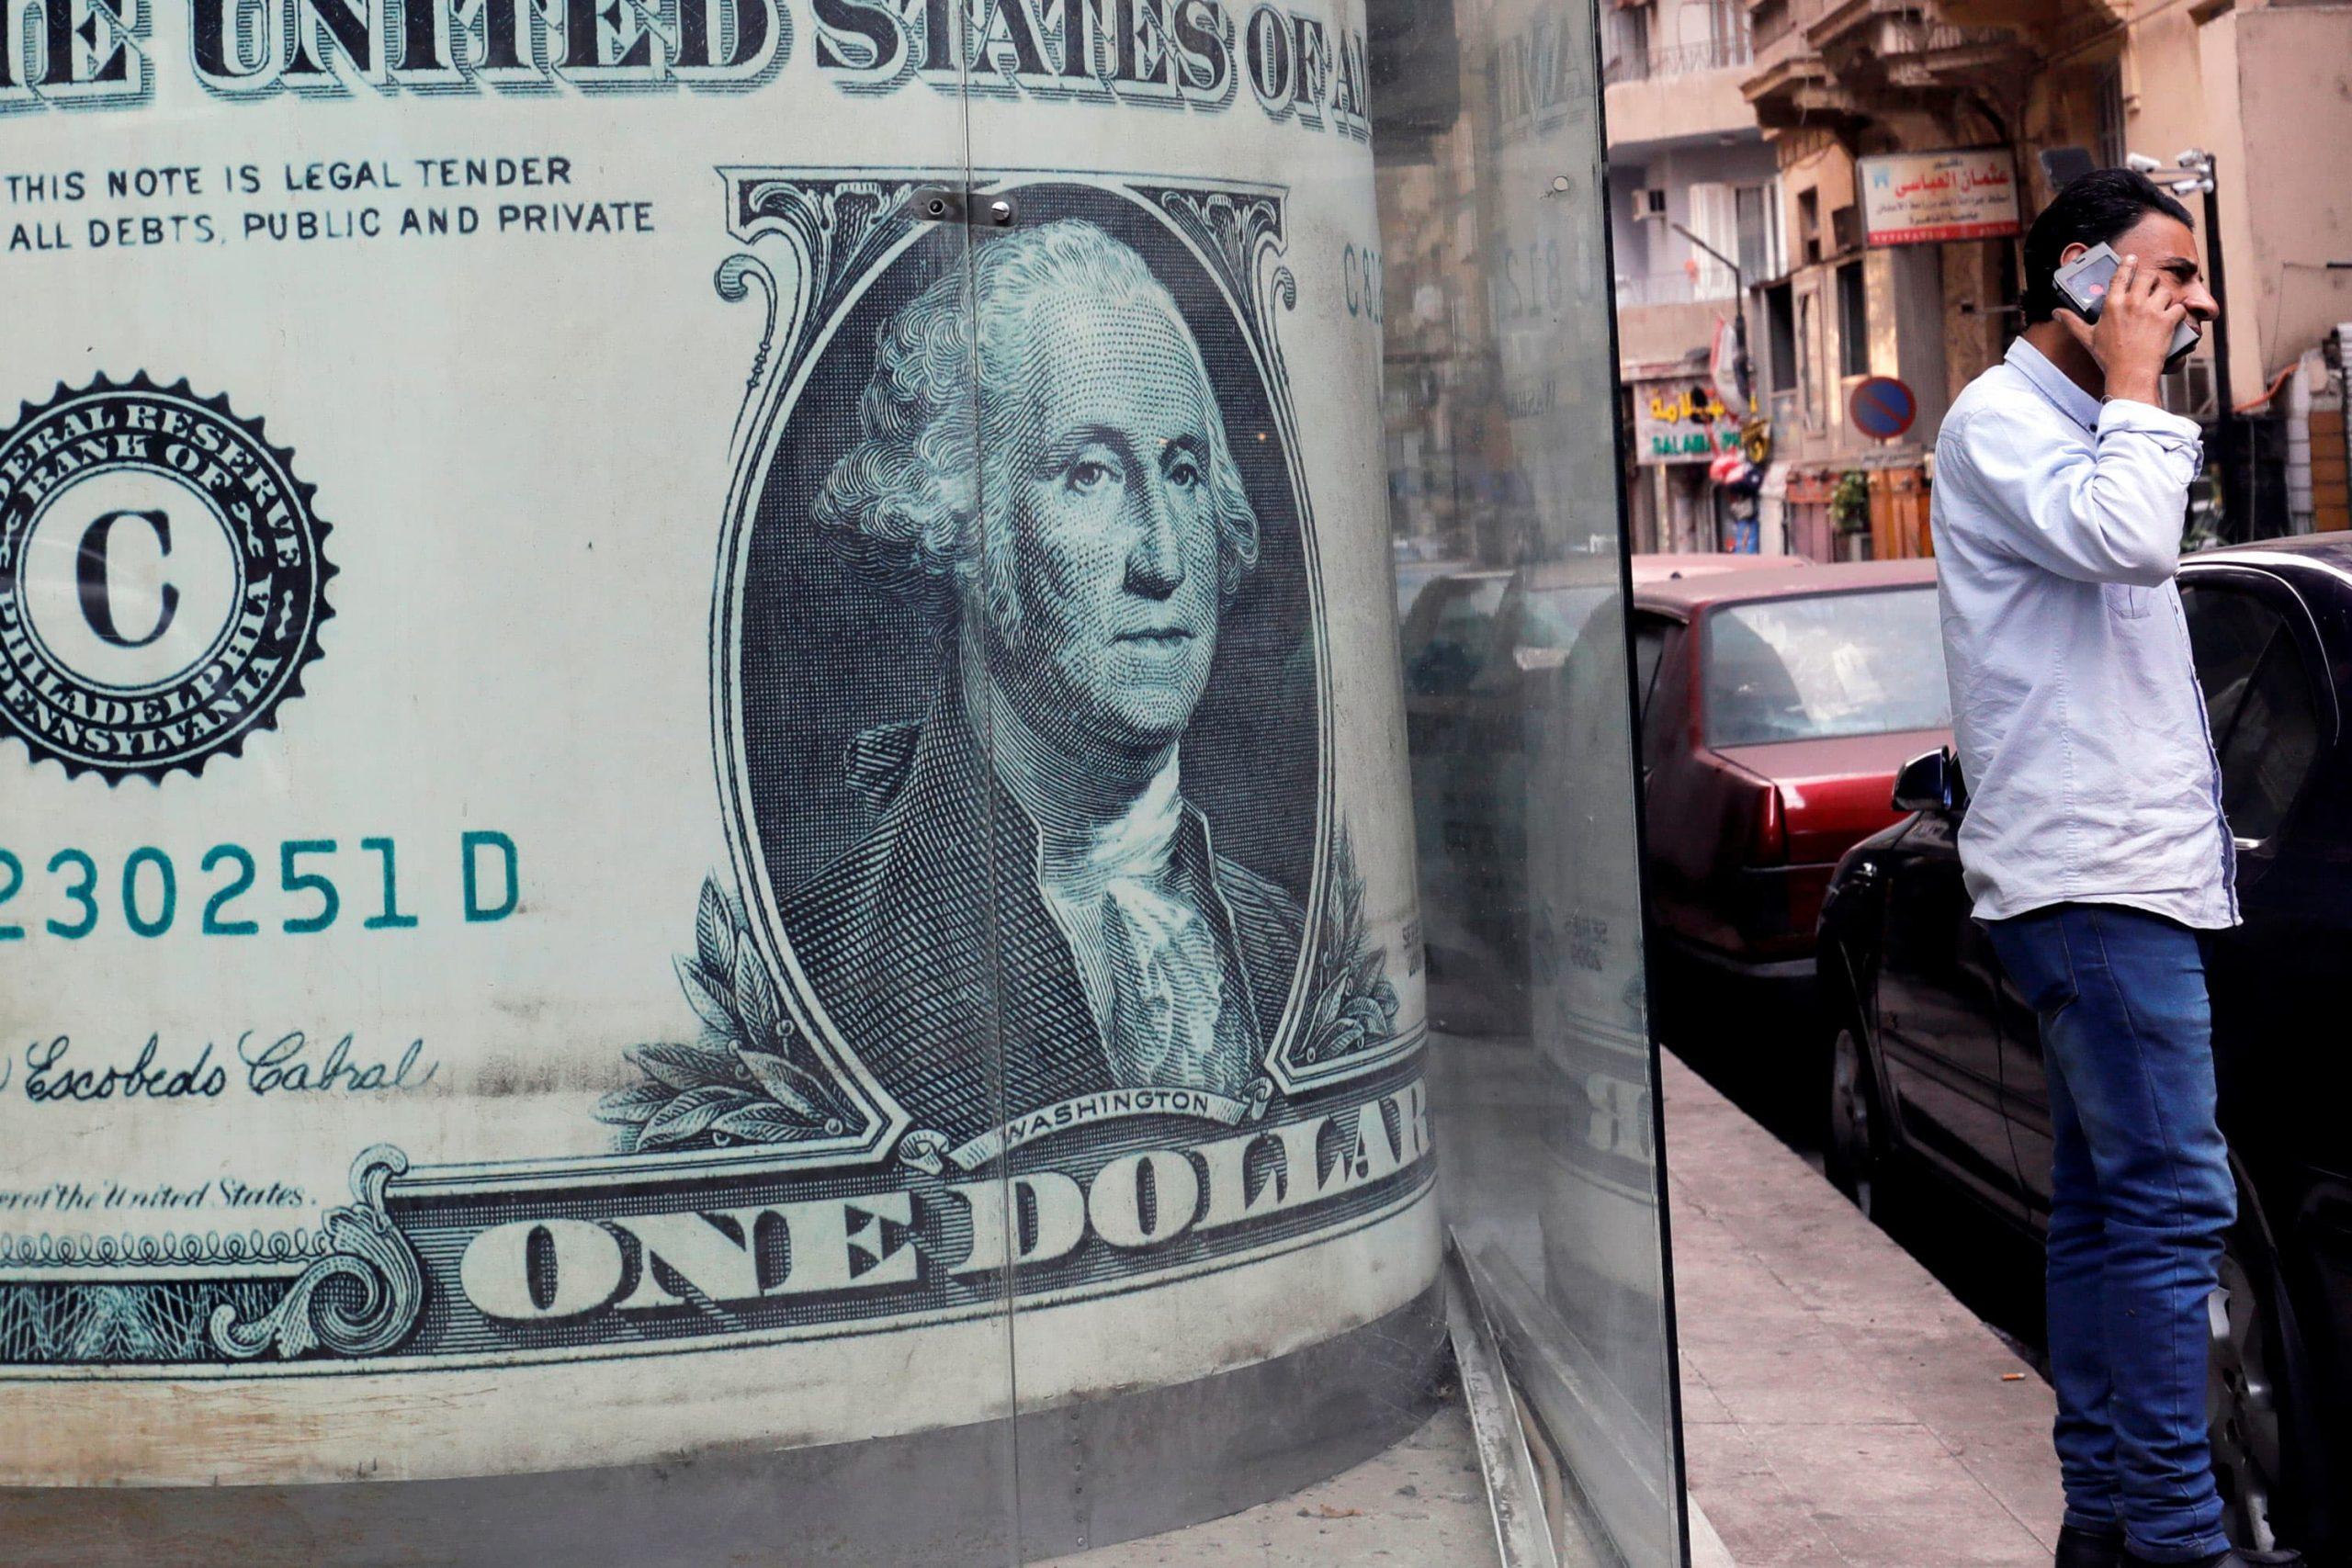 سعر الجنية المصري اليوم الإثنين 25 يناير 2021 أمام الدولار الأمريكي بالبنوك المصرية